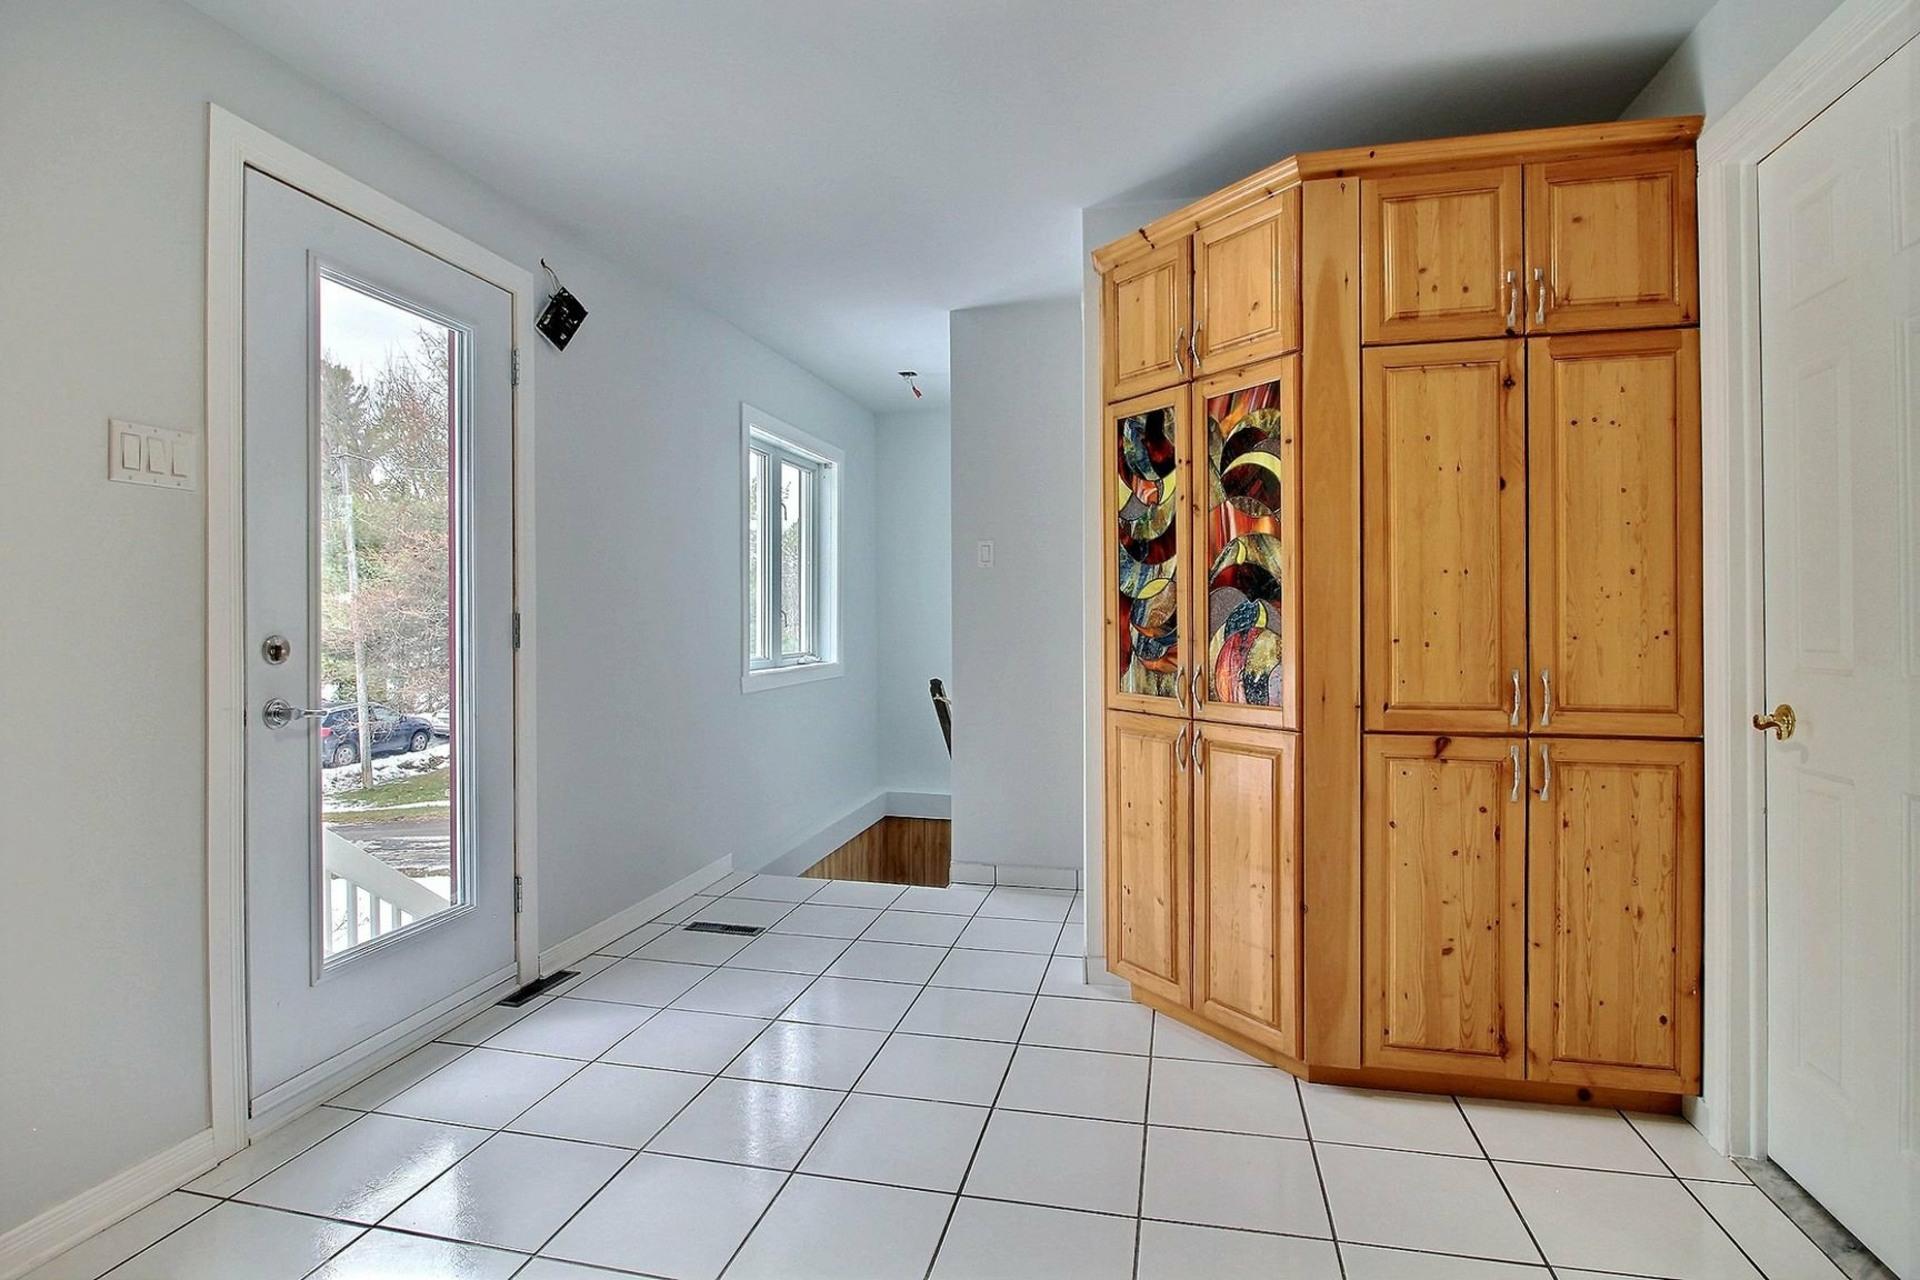 image 14 - Maison À vendre Sainte-Sophie - 10 pièces